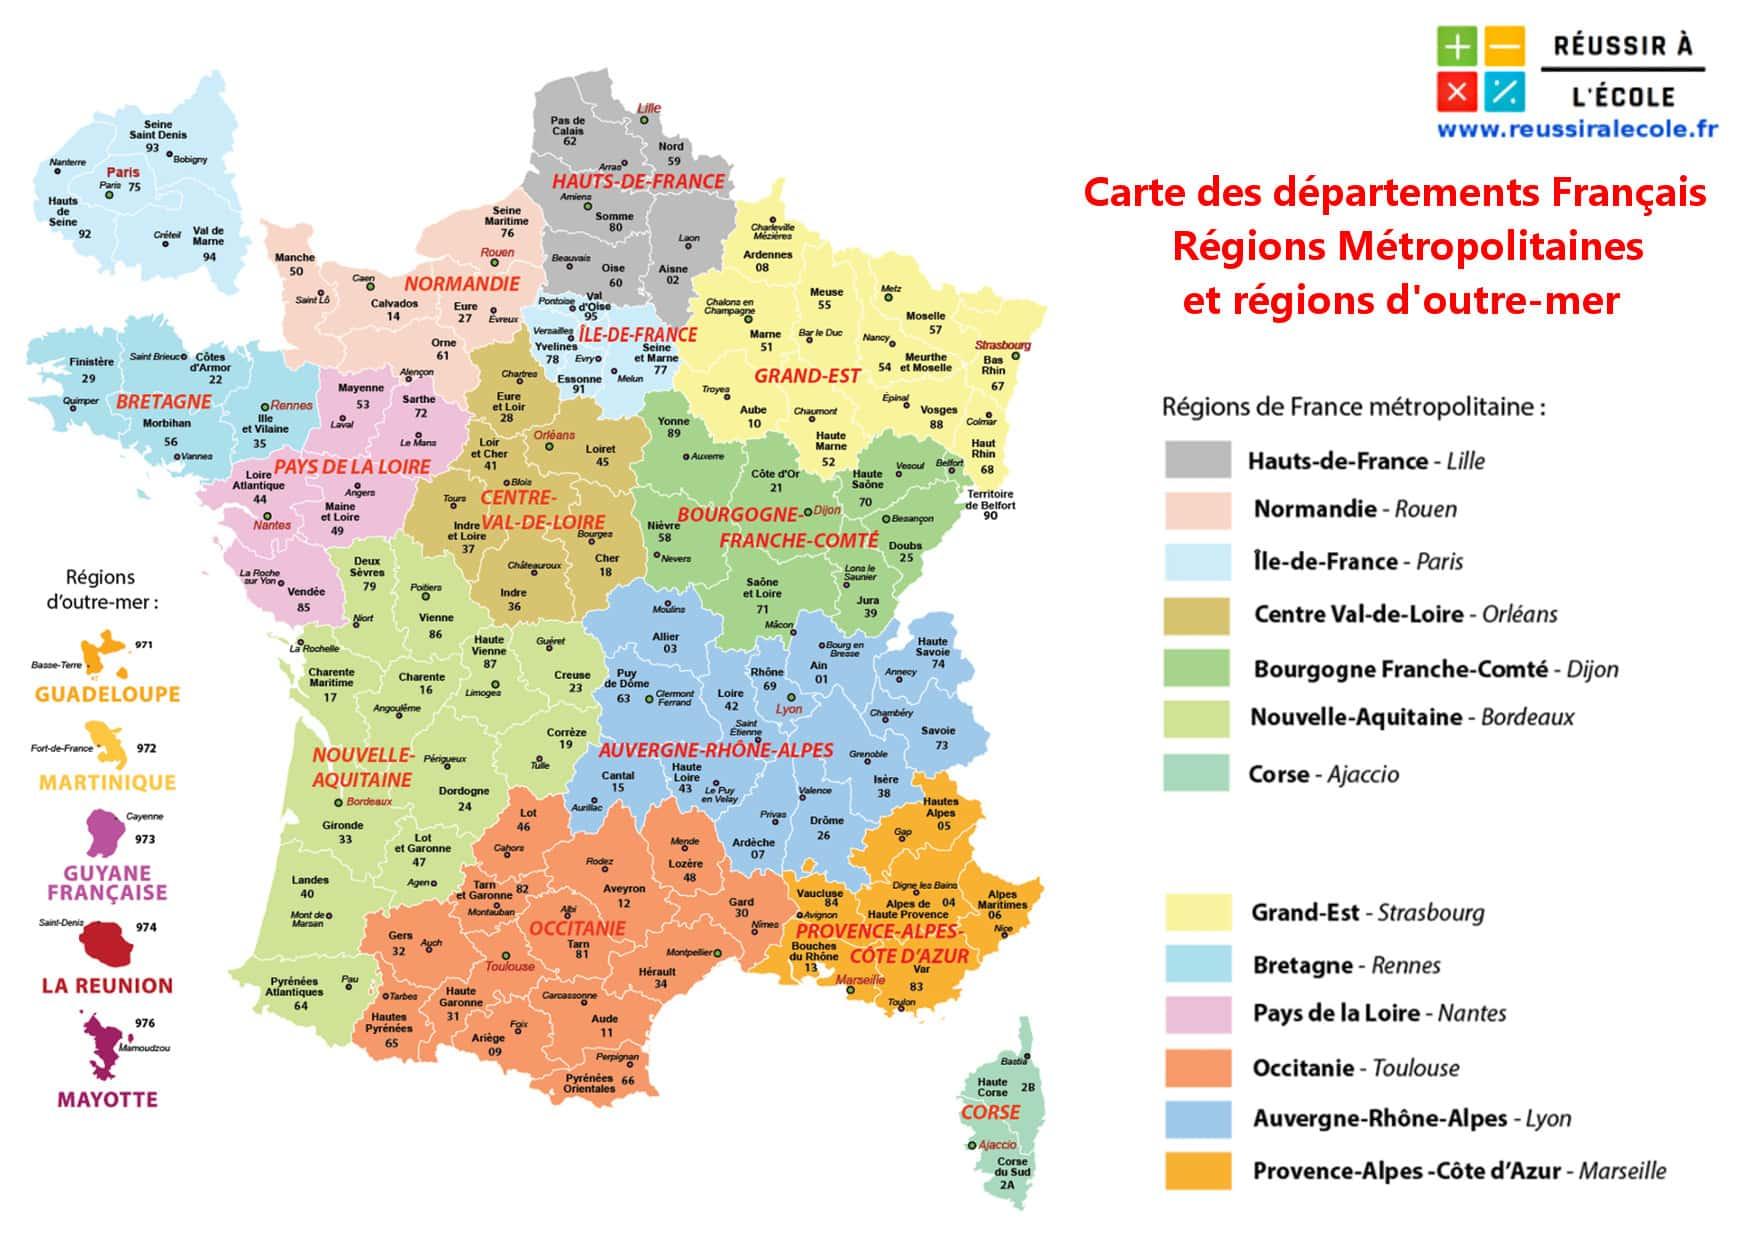 Départements Français | Carte Et Liste Des Départements concernant Departement Francais Carte